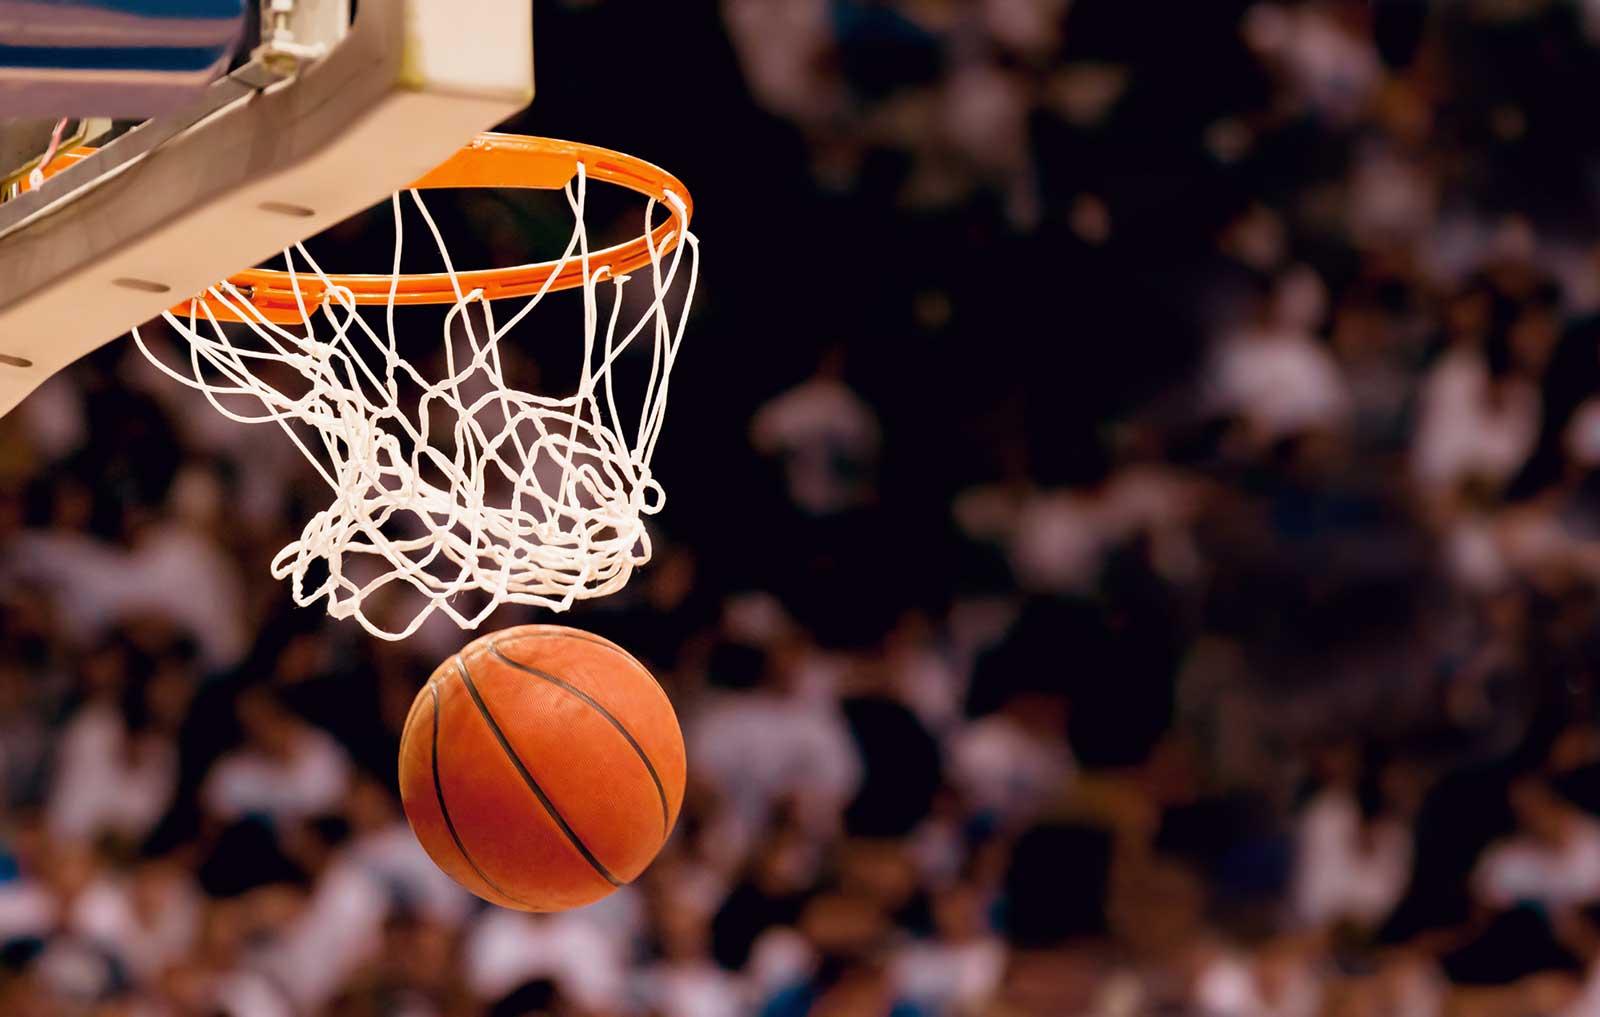 košarka tipovi